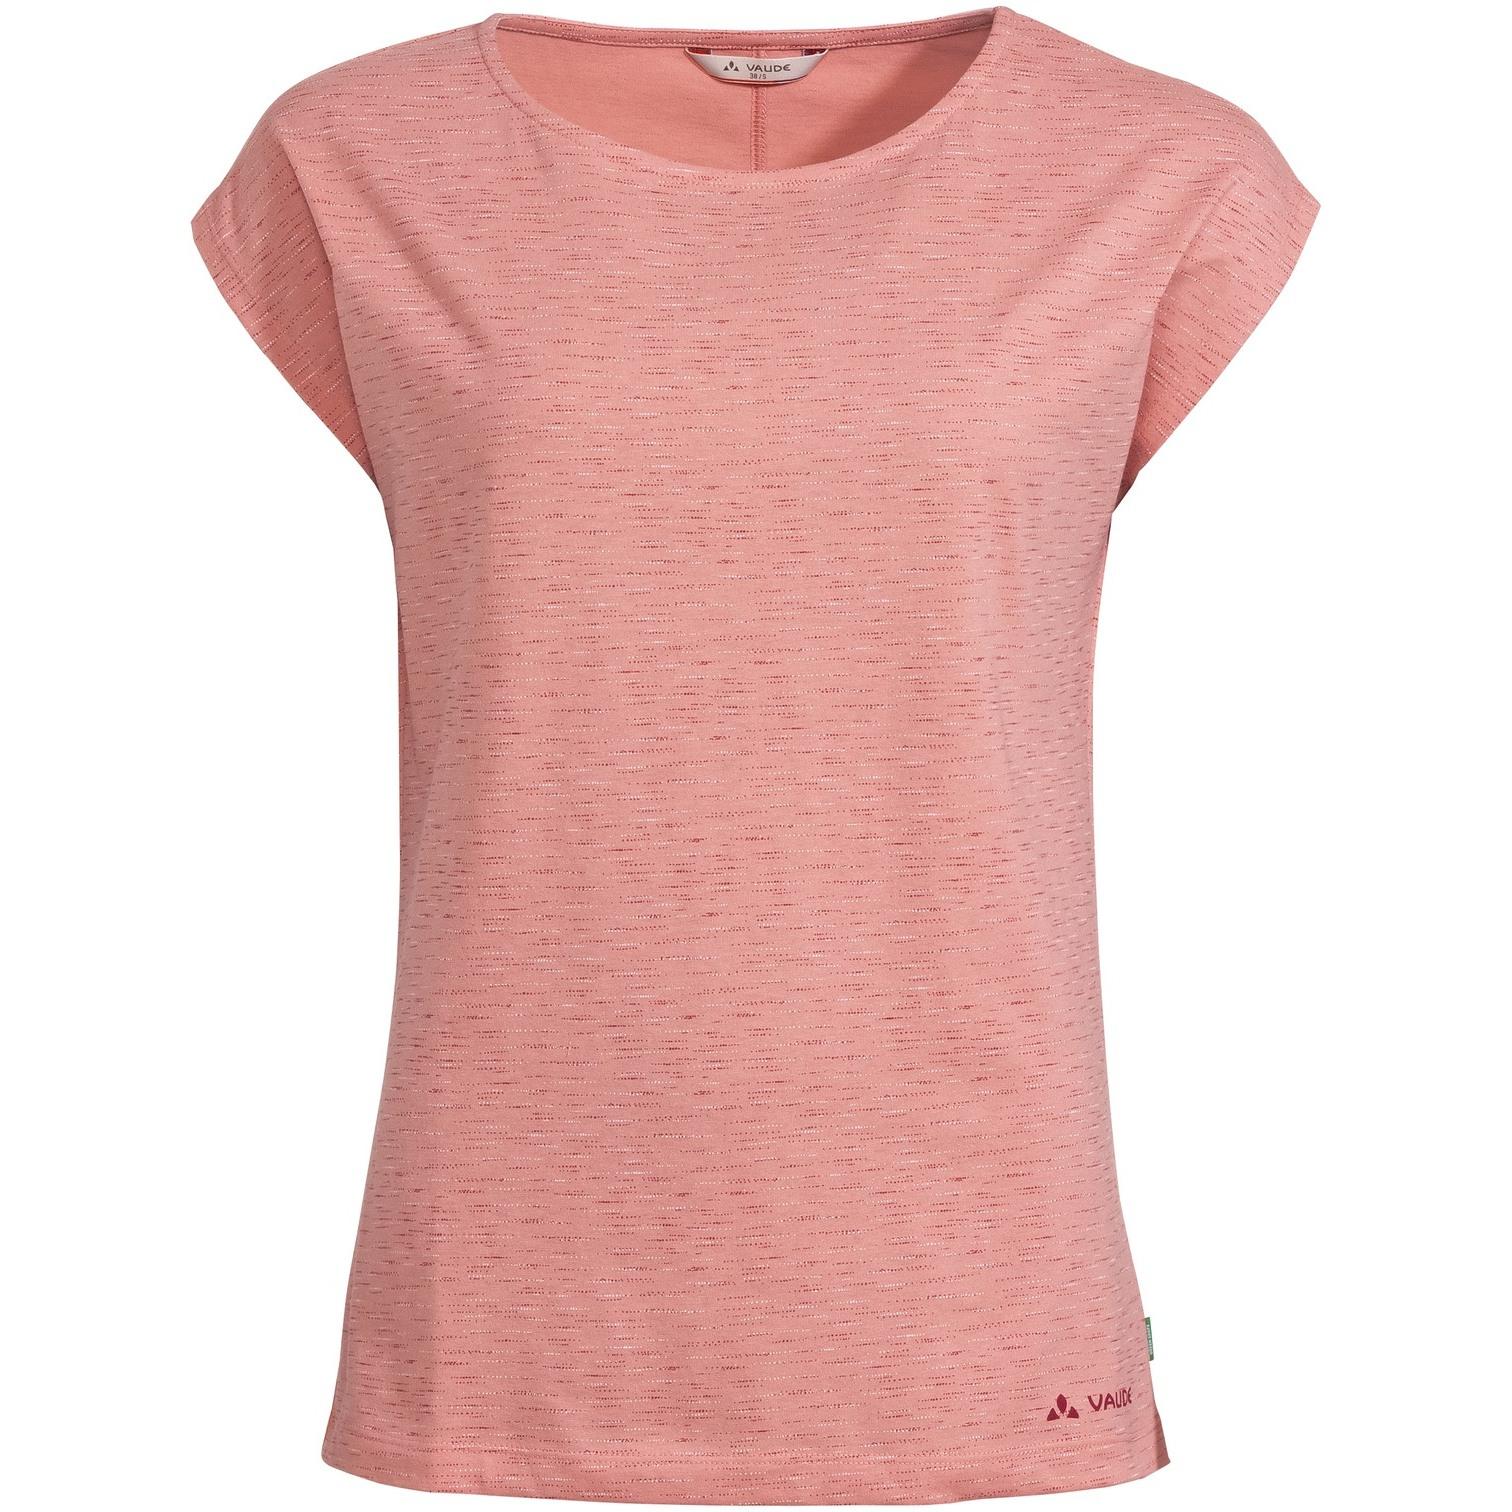 Vaude Zaneta All Over Print Damen T-Shirt - soft rose